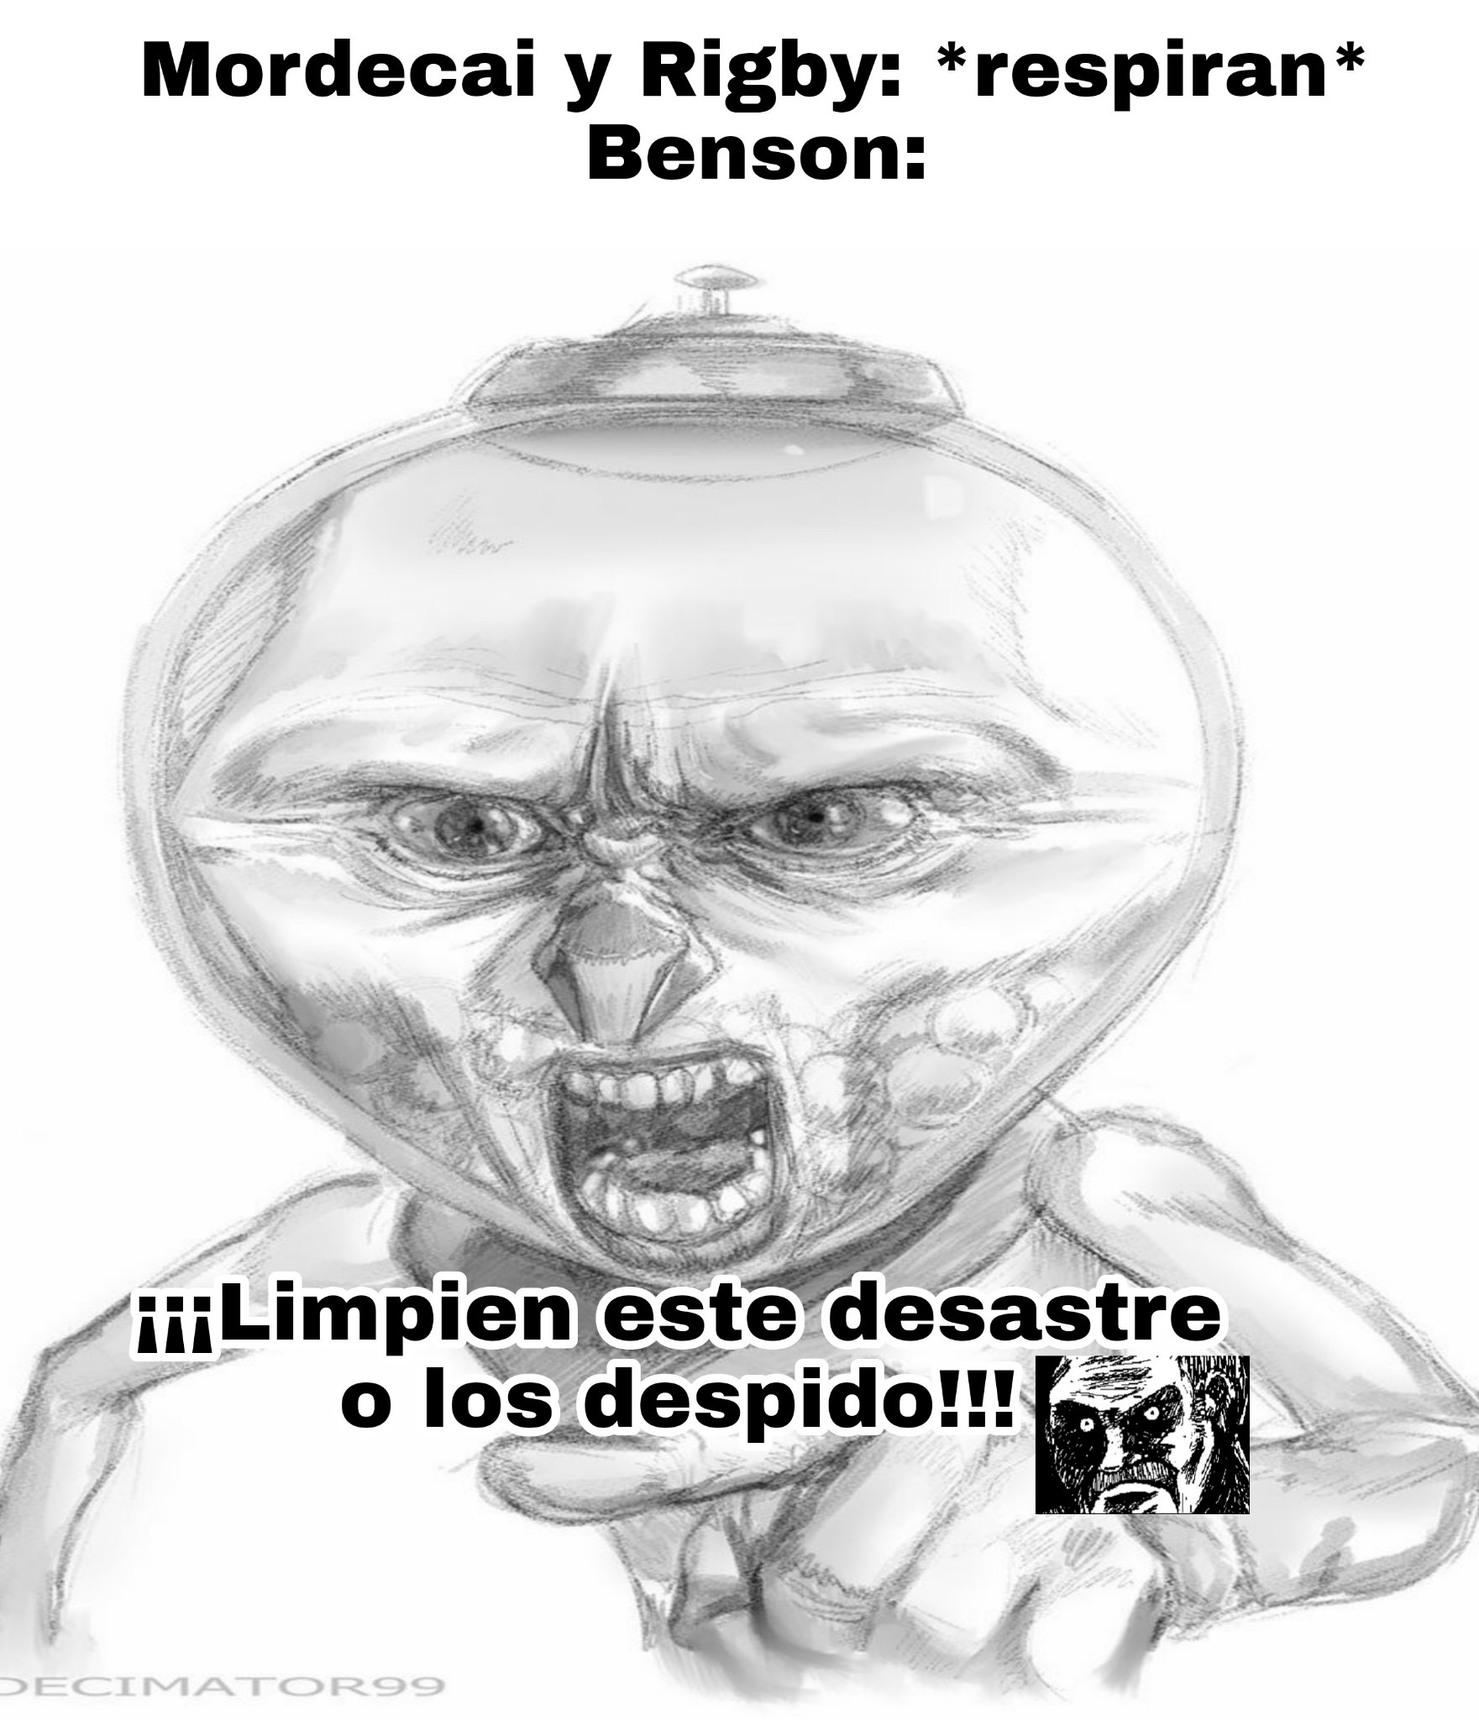 No manches Benson, habia veces en la que ni habia un desastre (aunque eso si, en las ultimas temporadas se volvio mas agradable) - meme